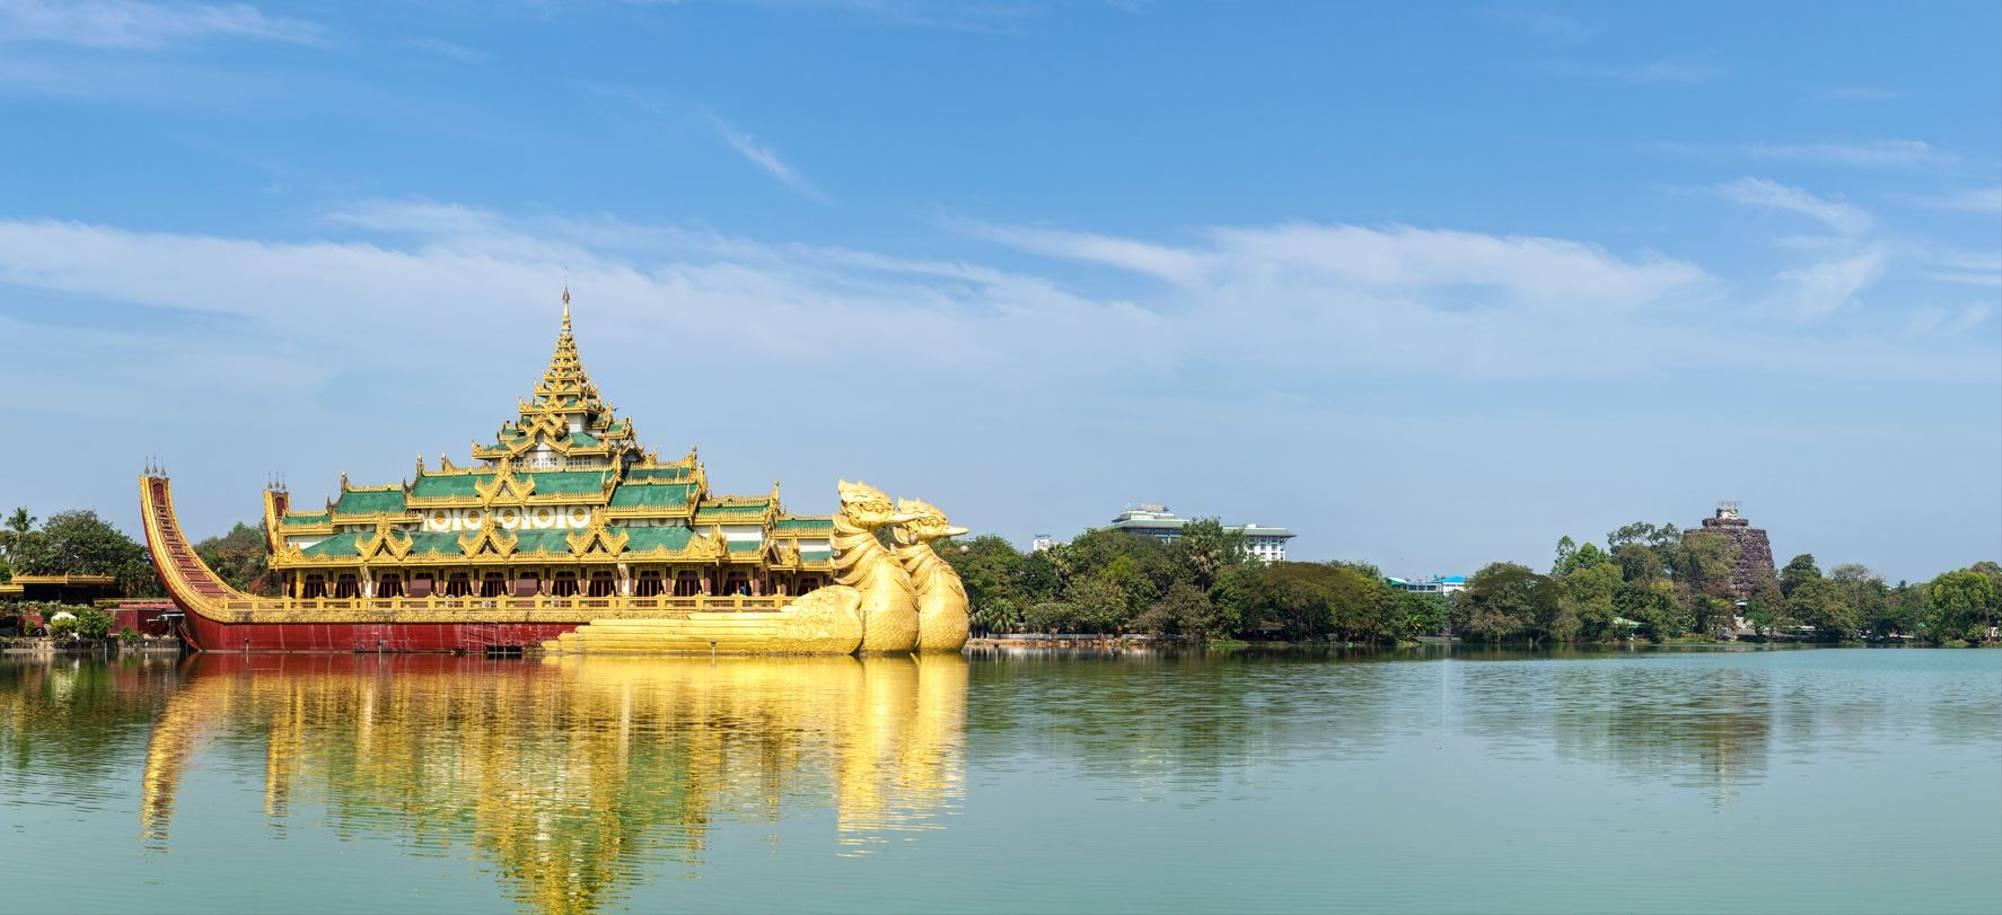 Yangon4   Kandawgyi Lake   Itinerary Desktop